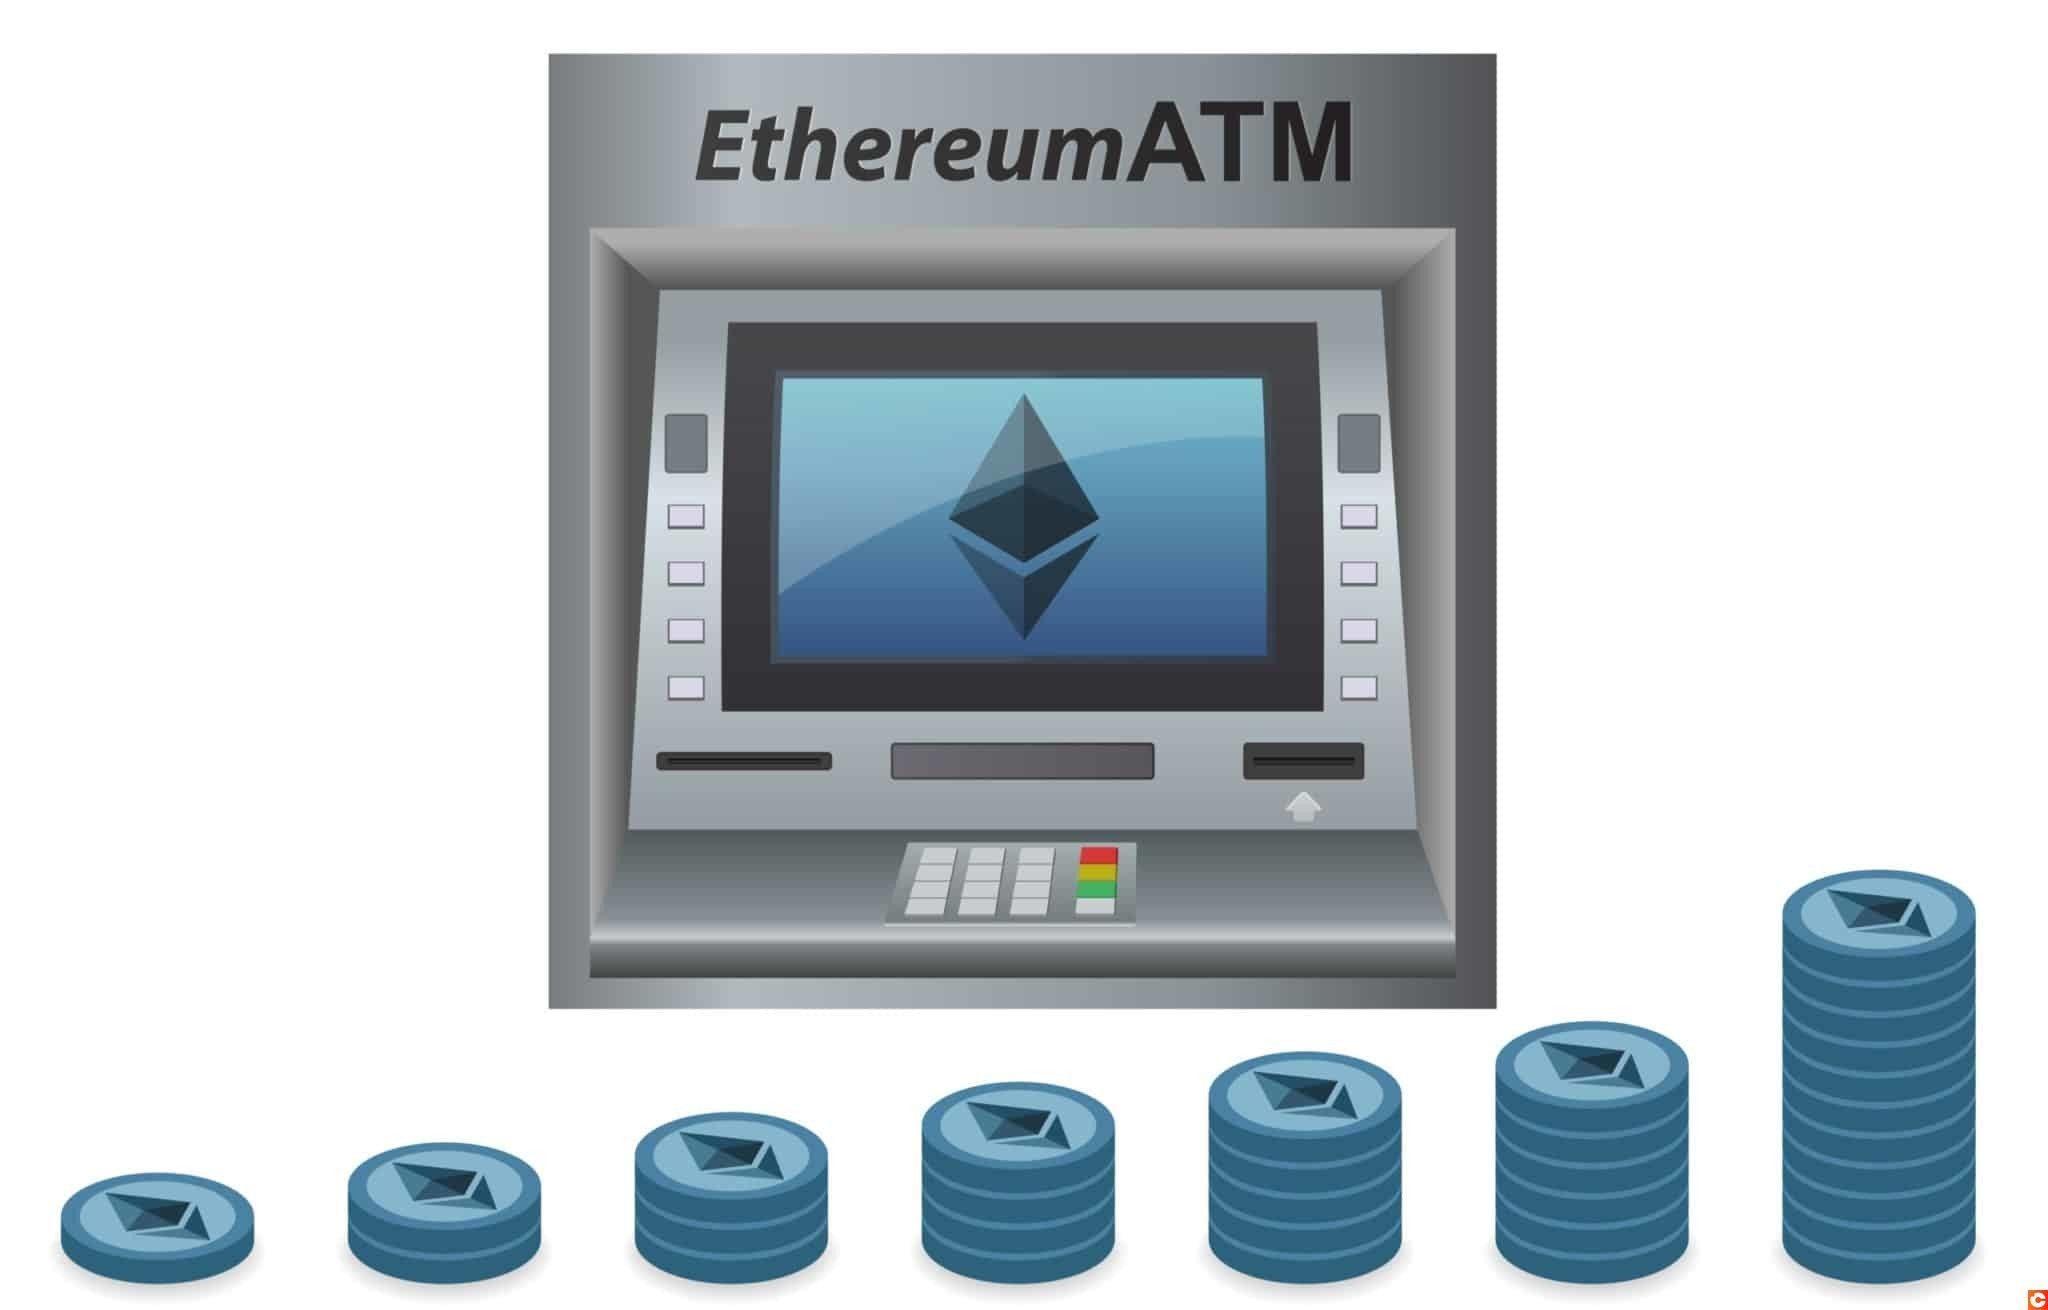 Il existe des distributeurs d'Ethereum un peu partout dans le monde